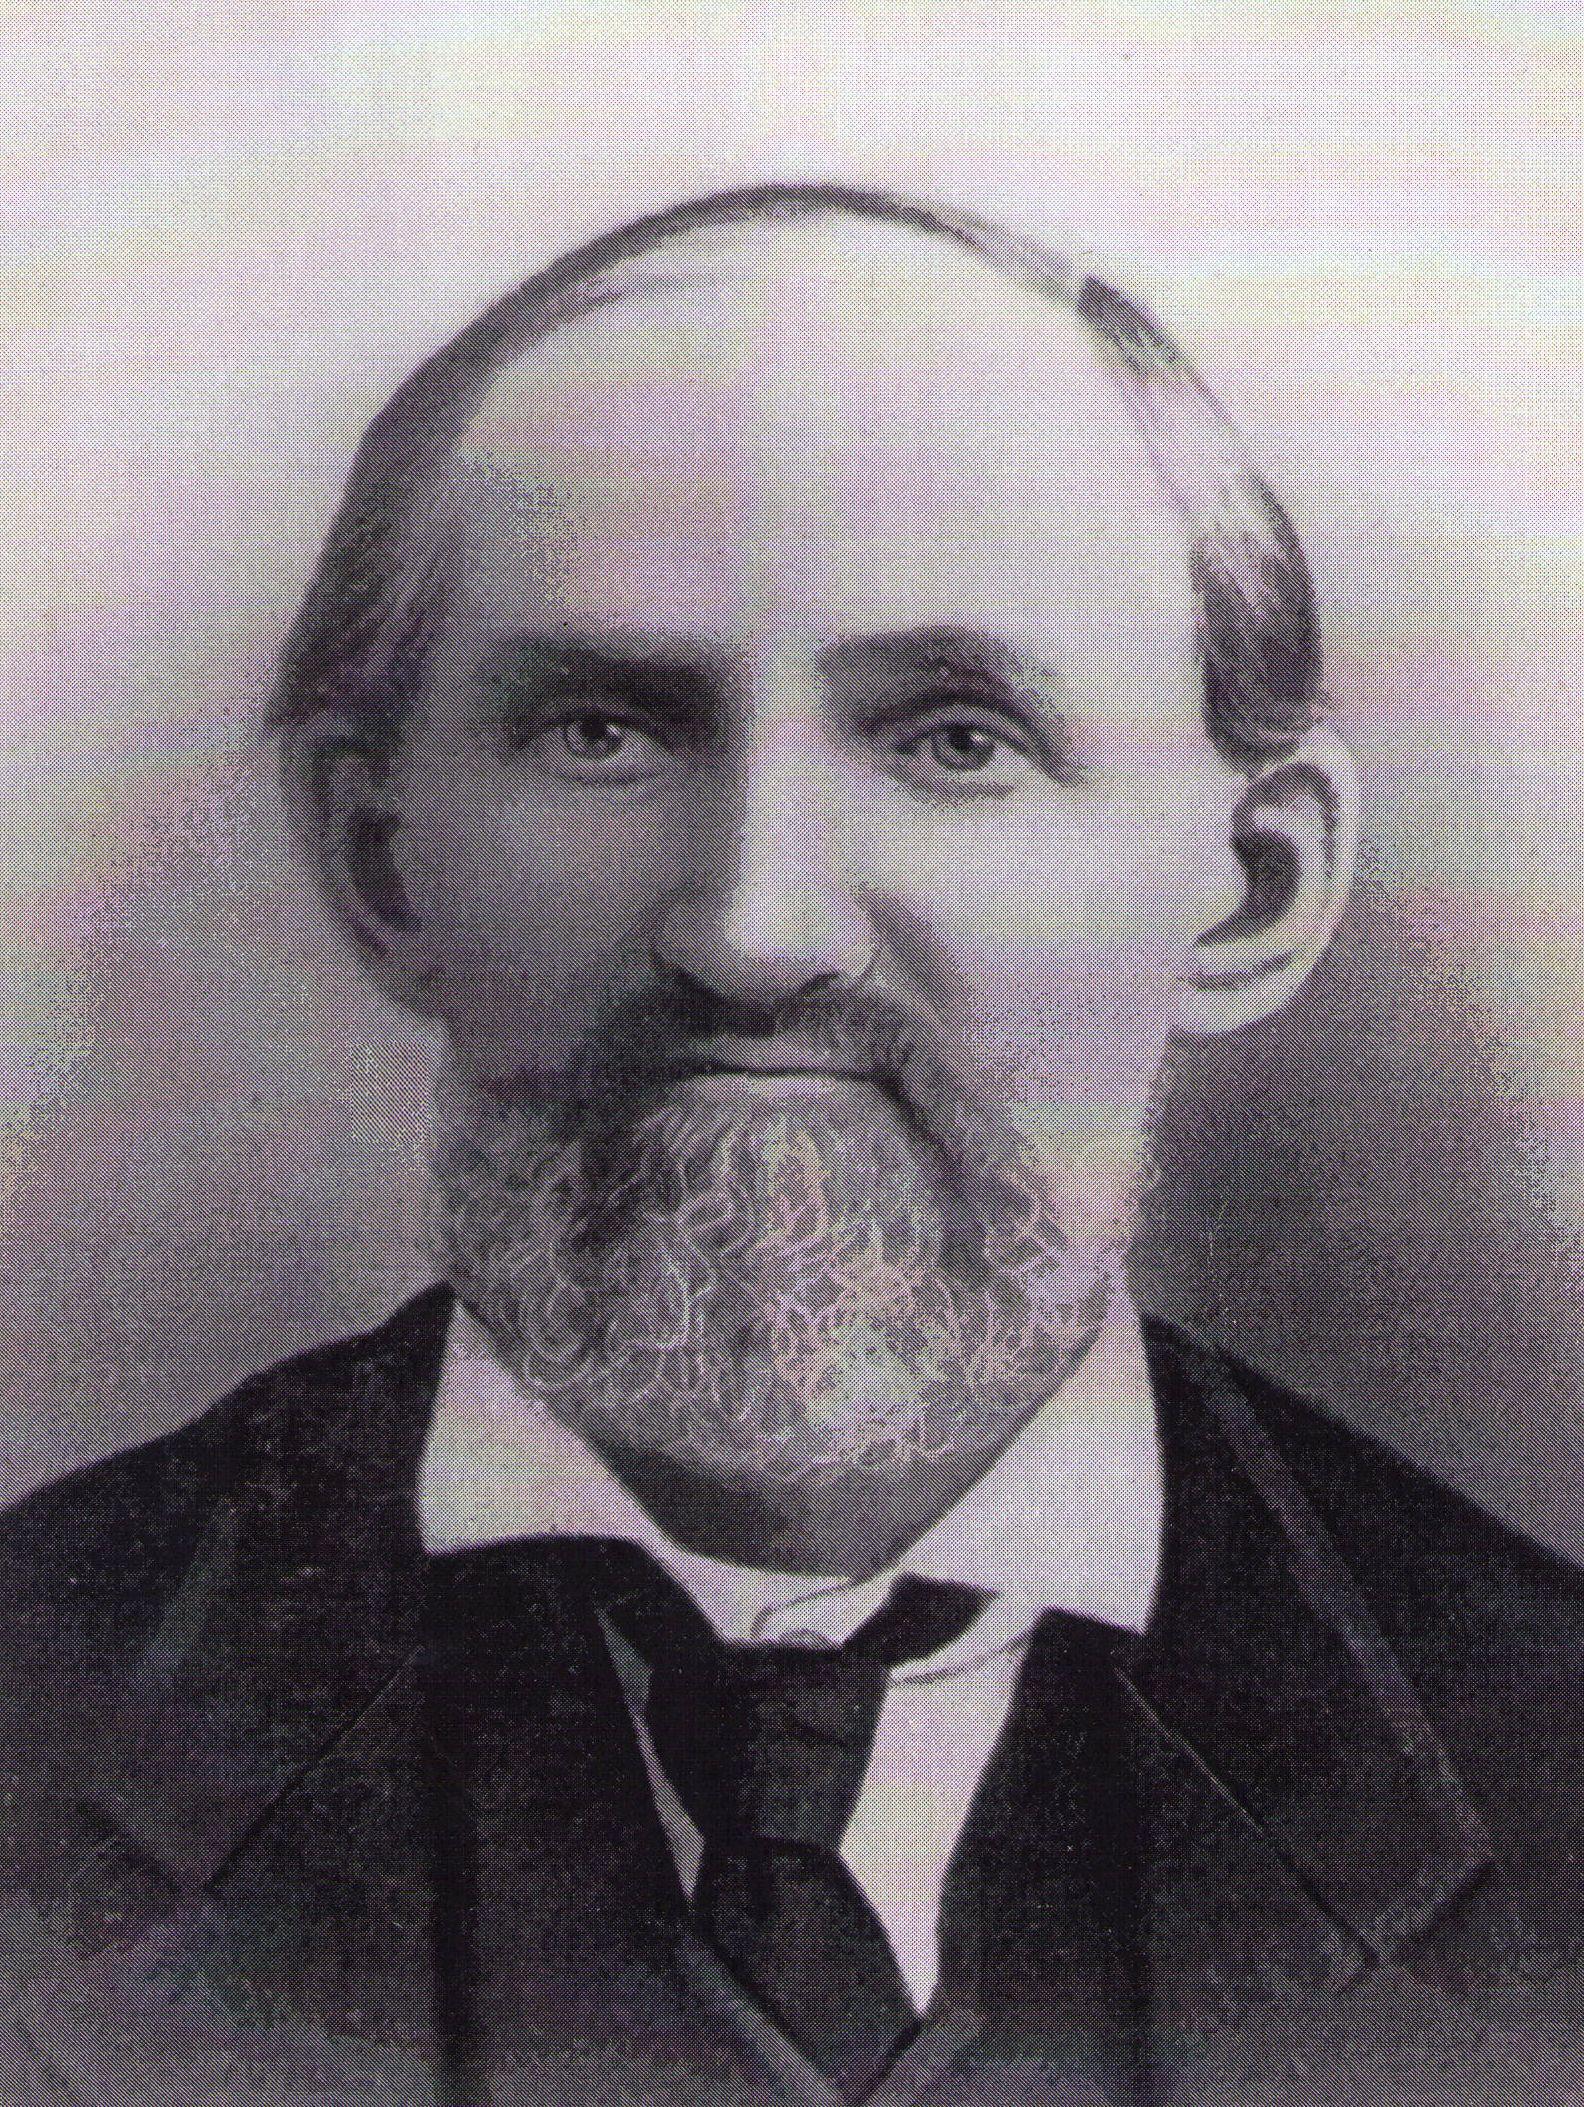 Gfroerer, Frederick Julius